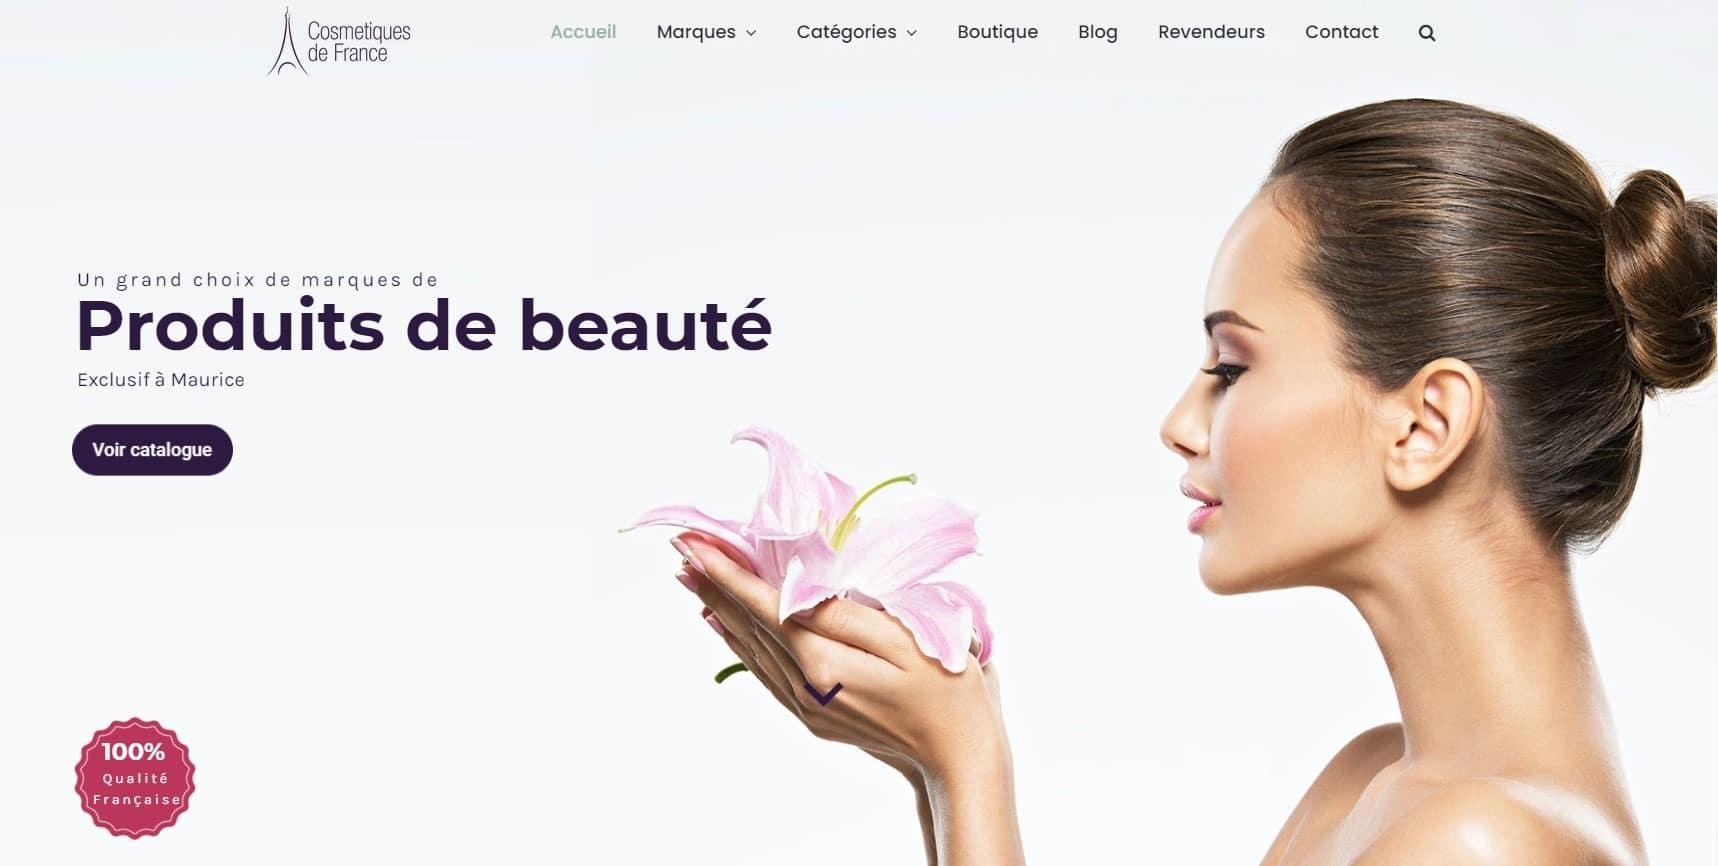 Cosmetiques de France